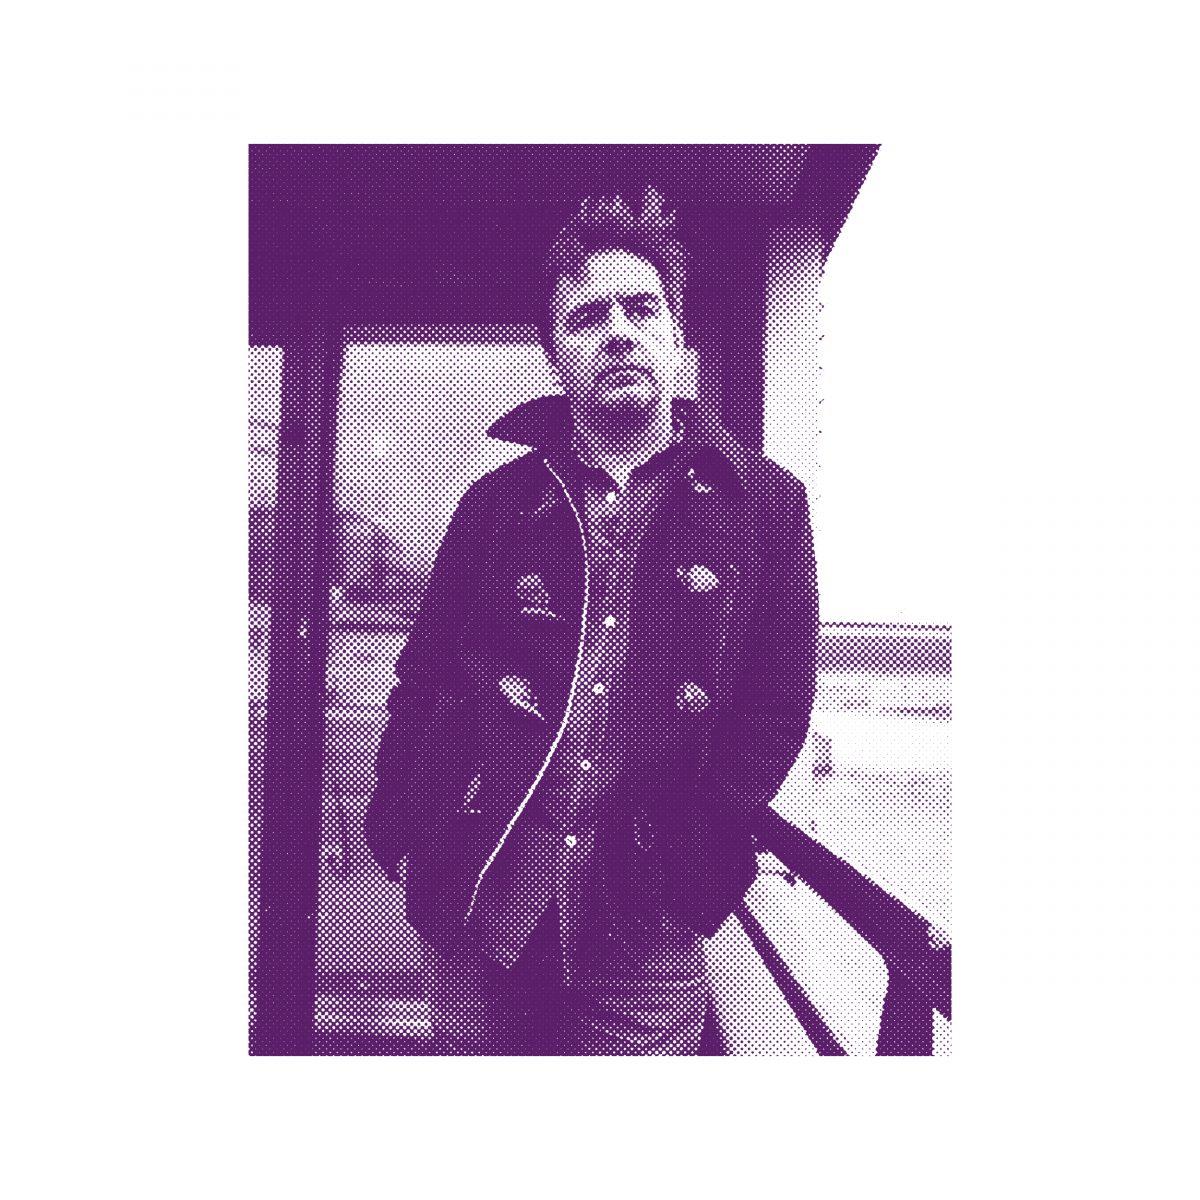 Selection de Vinyles en promotion - Ex : Laurent Garnier AF 4302 EP (monkeytownrecords.com)